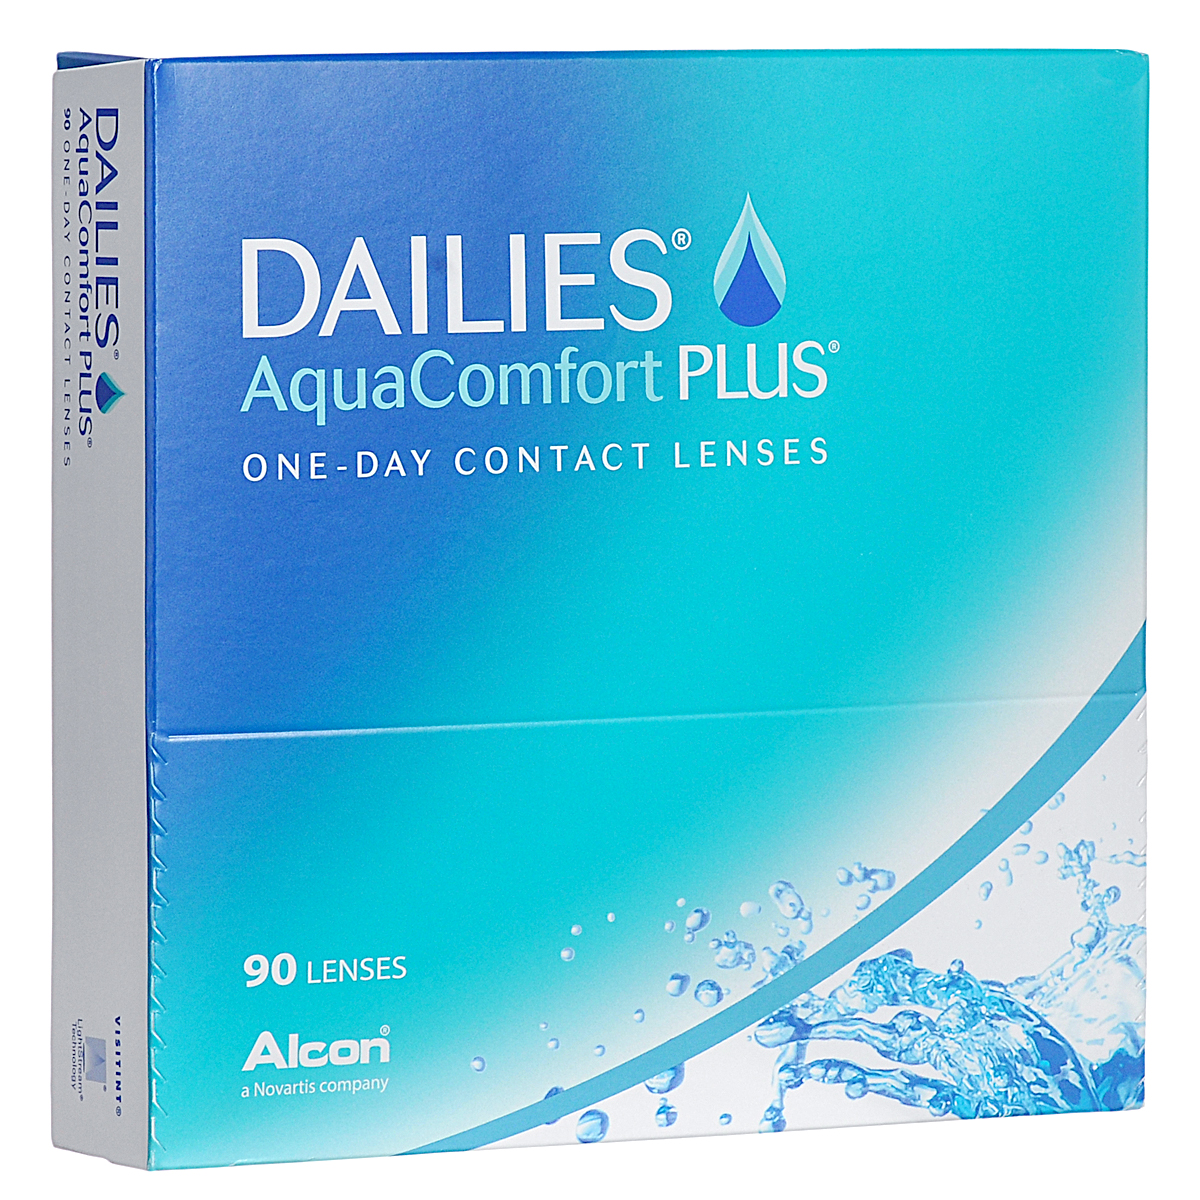 Alcon-CIBA Vision контактные линзы Dailies AquaComfort Plus (90шт / 8.7 / 14.0 / -4.00)100022922Dailies AquaComfort Plus - это одни из самых популярных однодневных линз производства компании Ciba Vision. Эти линзы пользуются огромной популярностью во всем мире и являются на сегодняшний день самыми безопасными контактными линзами. Изготавливаются линзы из современного, 100% безопасного материала нелфилкон А. Особенность этого материала в том, что он легко пропускает воздух и хорошо сохраняет влагу. Однодневные контактные линзы Dailies AquaComfort Plus не нуждаются в дополнительном уходе и затратах, каждый день вы надеваете свежую пару линз. Дизайн линзы биосовместимый, что гарантирует безупречный комфорт. Самое главное достоинство Dailies AquaComfort Plus - это их уникальная система увлажнения. Благодаря этой разработке линзы увлажняются тремя различными агентами. Первый компонент, ухаживающий за линзами, находится в растворе, он как бы обволакивает линзу, обеспечивая чрезвычайно комфортное надевание. Второй агент выделяется на протяжении всего дня, он непрерывно смачивает линзы. Третий - увлажняющий агент, выделяется во время моргания, благодаря ему поддерживается постоянный комфорт. Также линзы имеют УФ-фильтр, который будет заботиться о ваших глазах. Dailies AquaComfort Plus - одни из лучших линз в своей категории. Всемирно известная компания Ciba Vision, создавая эти контактные линзы, попыталась учесть все потребности пациентов и ей это удалось! Характеристики:Материал: нелфилкон А. Кривизна: 8.7. Оптическая сила: - 4.00. Содержание воды: 69%. Диаметр: 14,0 мм. Количество линз: 90 шт. Размер упаковки: 15 см х 5 см х 3 см. Производитель: США. Товар сертифицирован.Контактные линзы или очки: советы офтальмологов. Статья OZON Гид